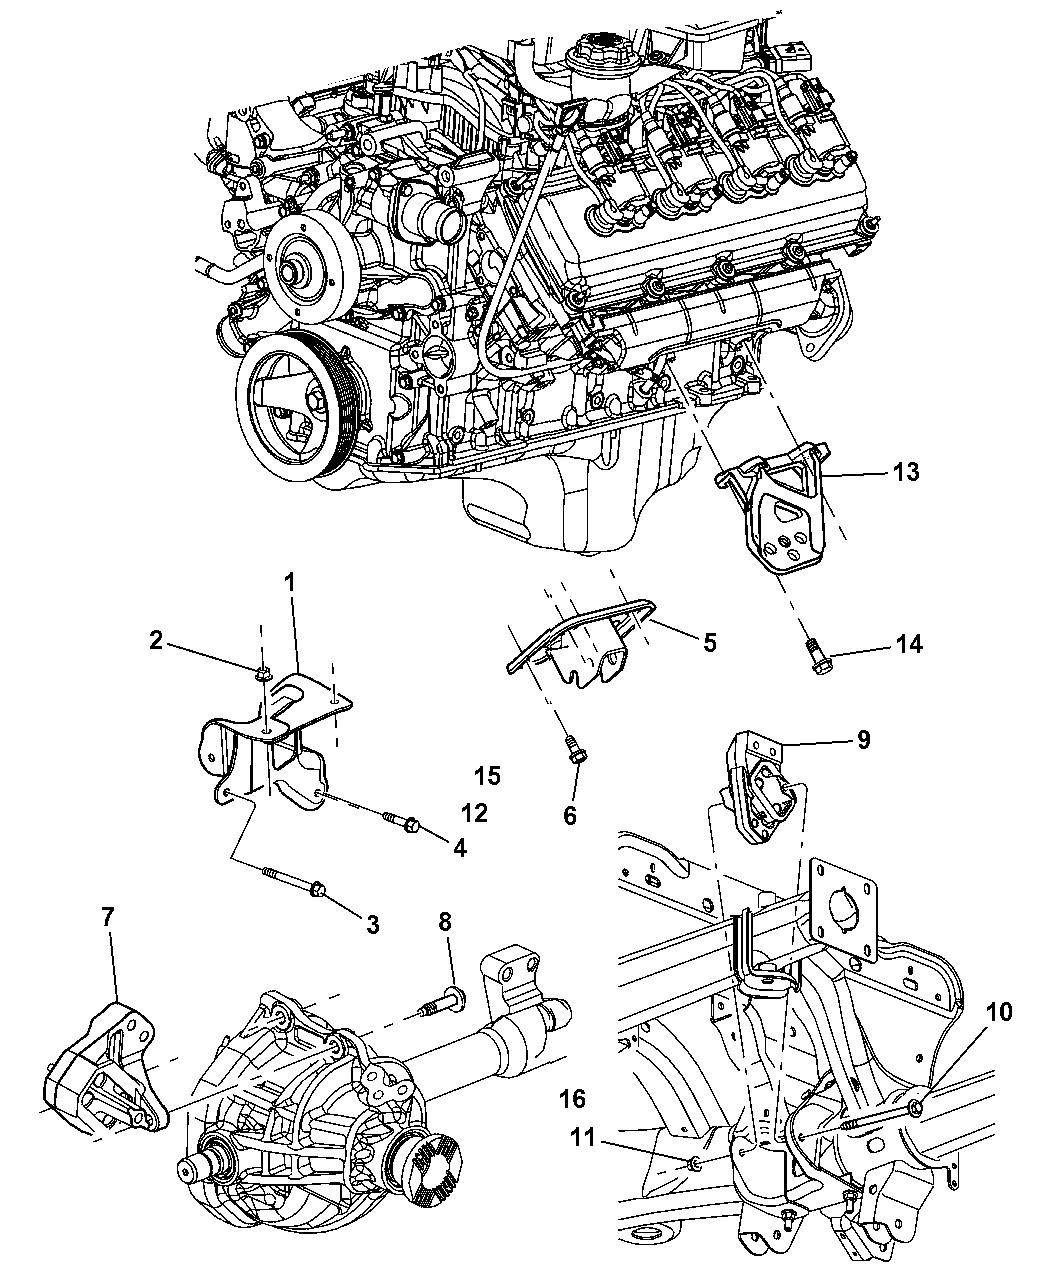 mopar 52021615aa 2004 dodge durango fuse block 2004 dodge durango engine diagram #3